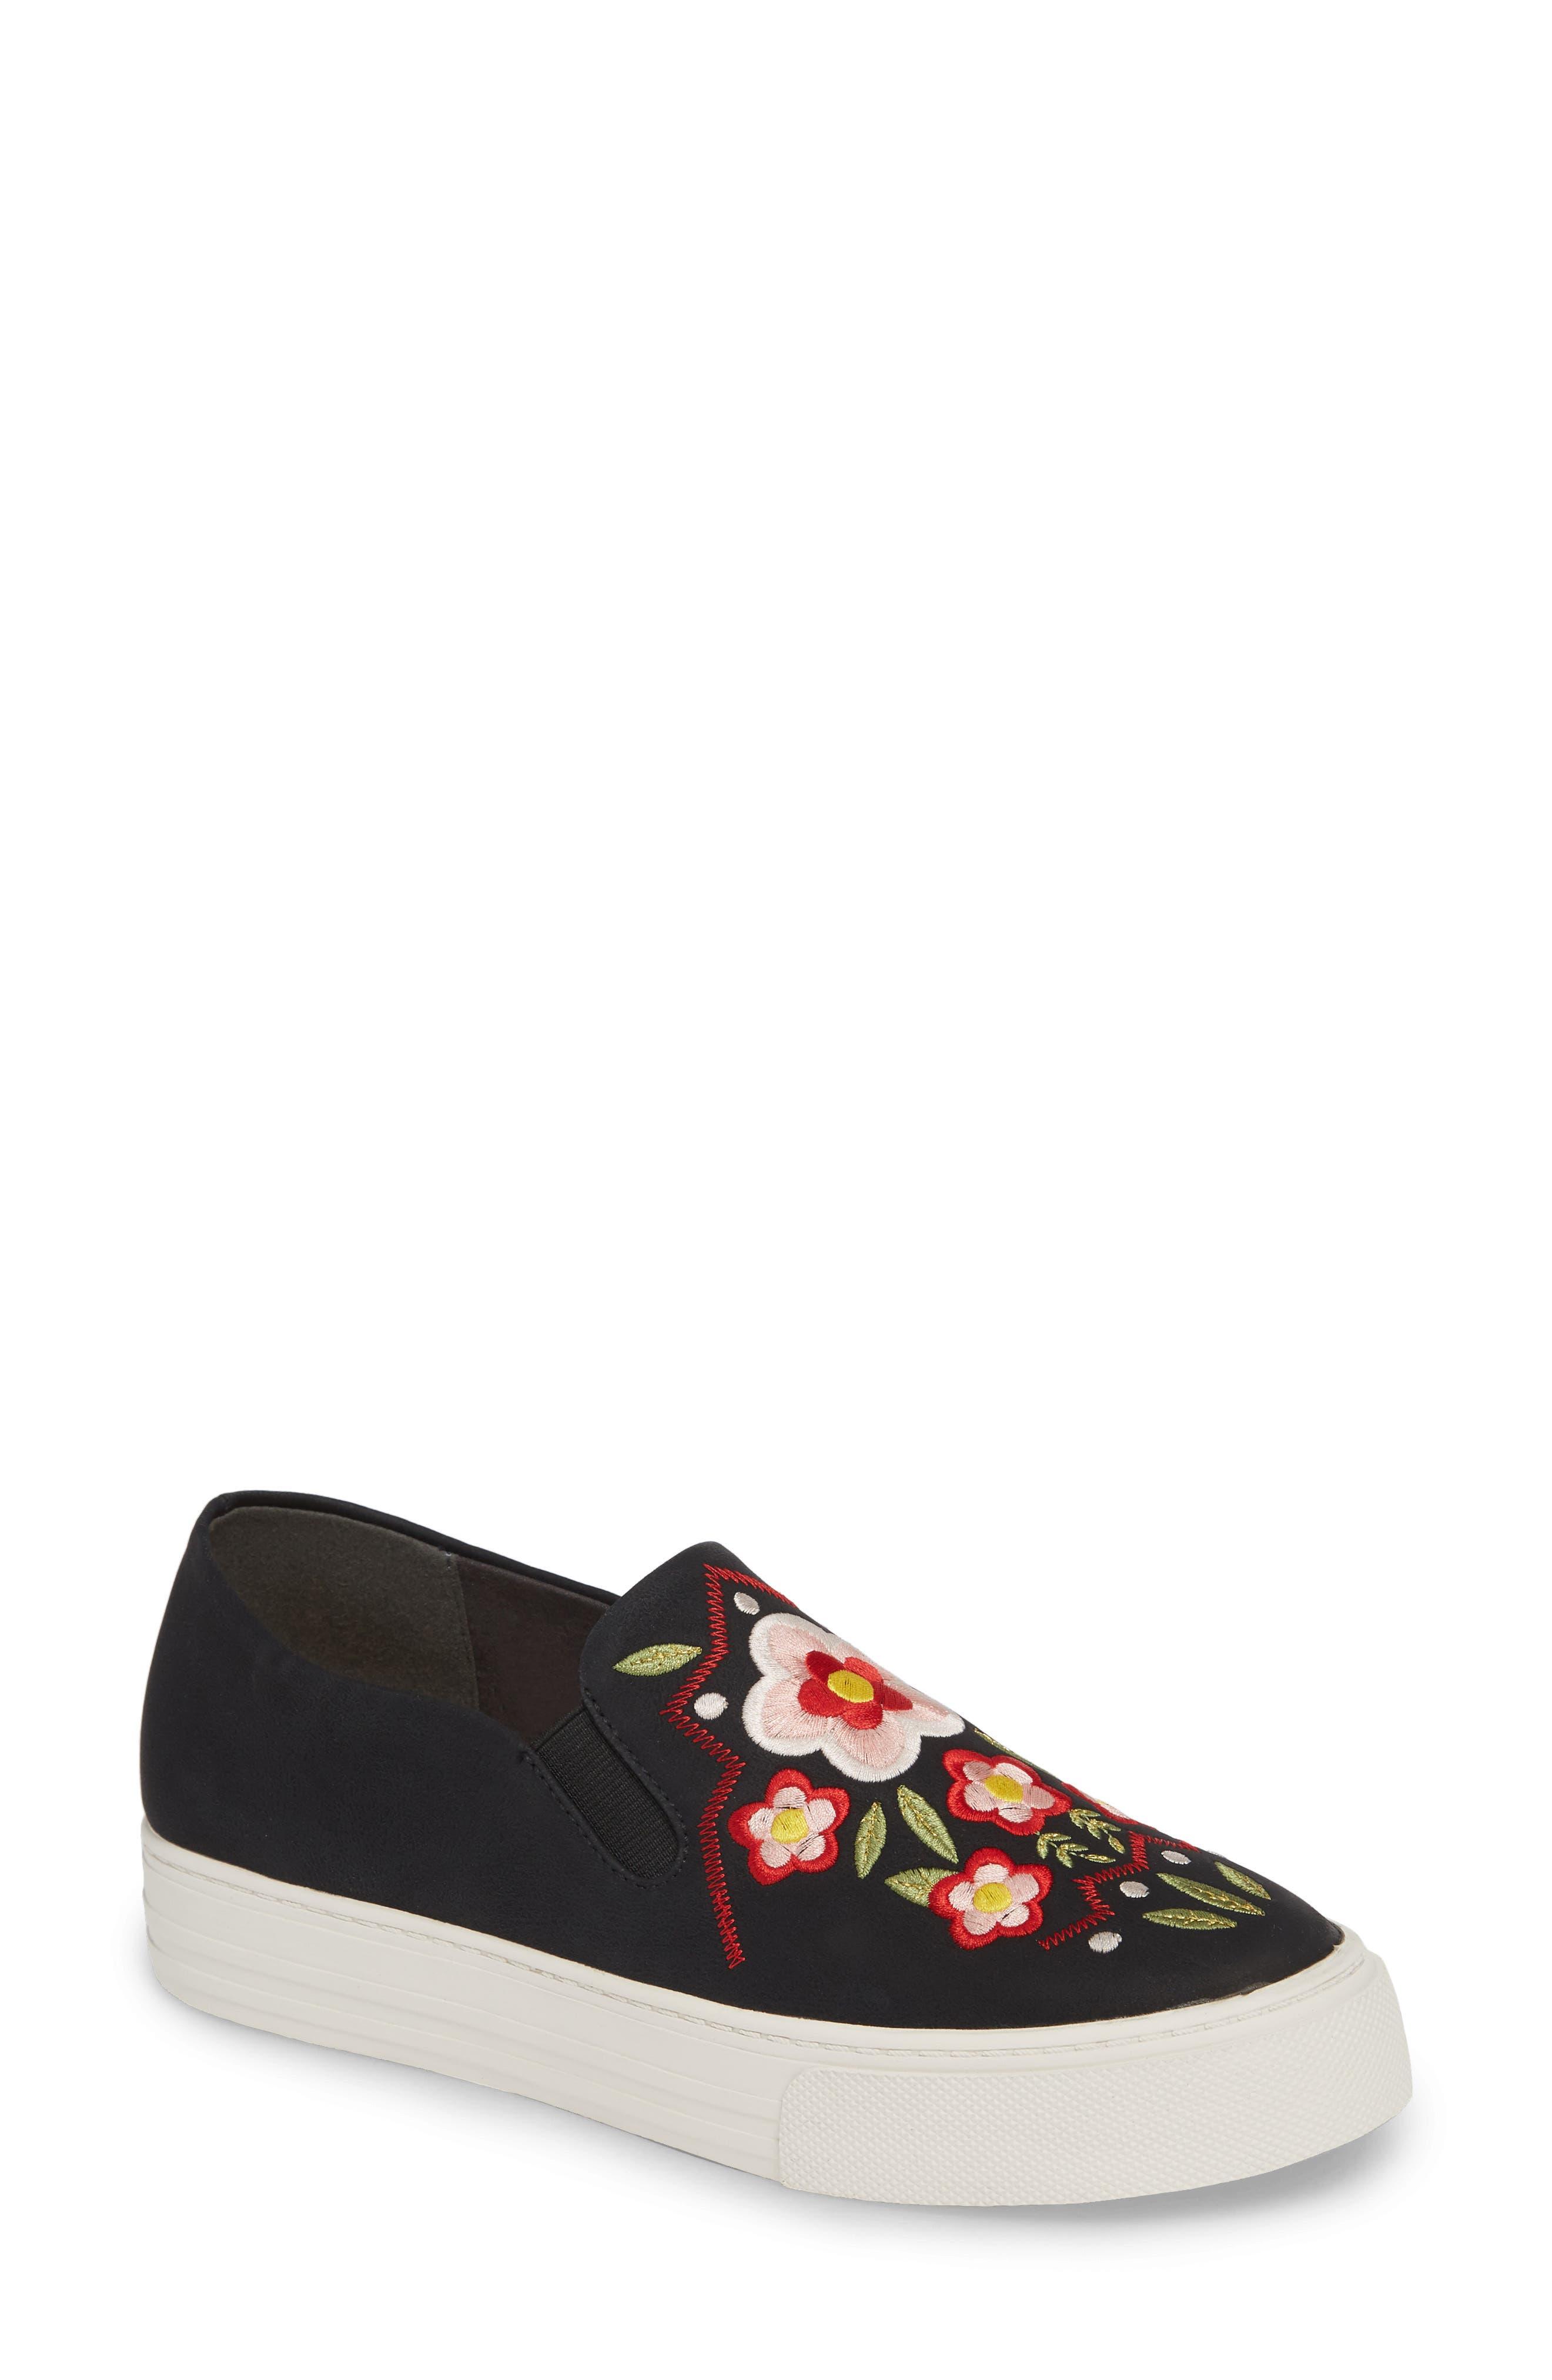 Ariat Paisley Slip-On Sneaker